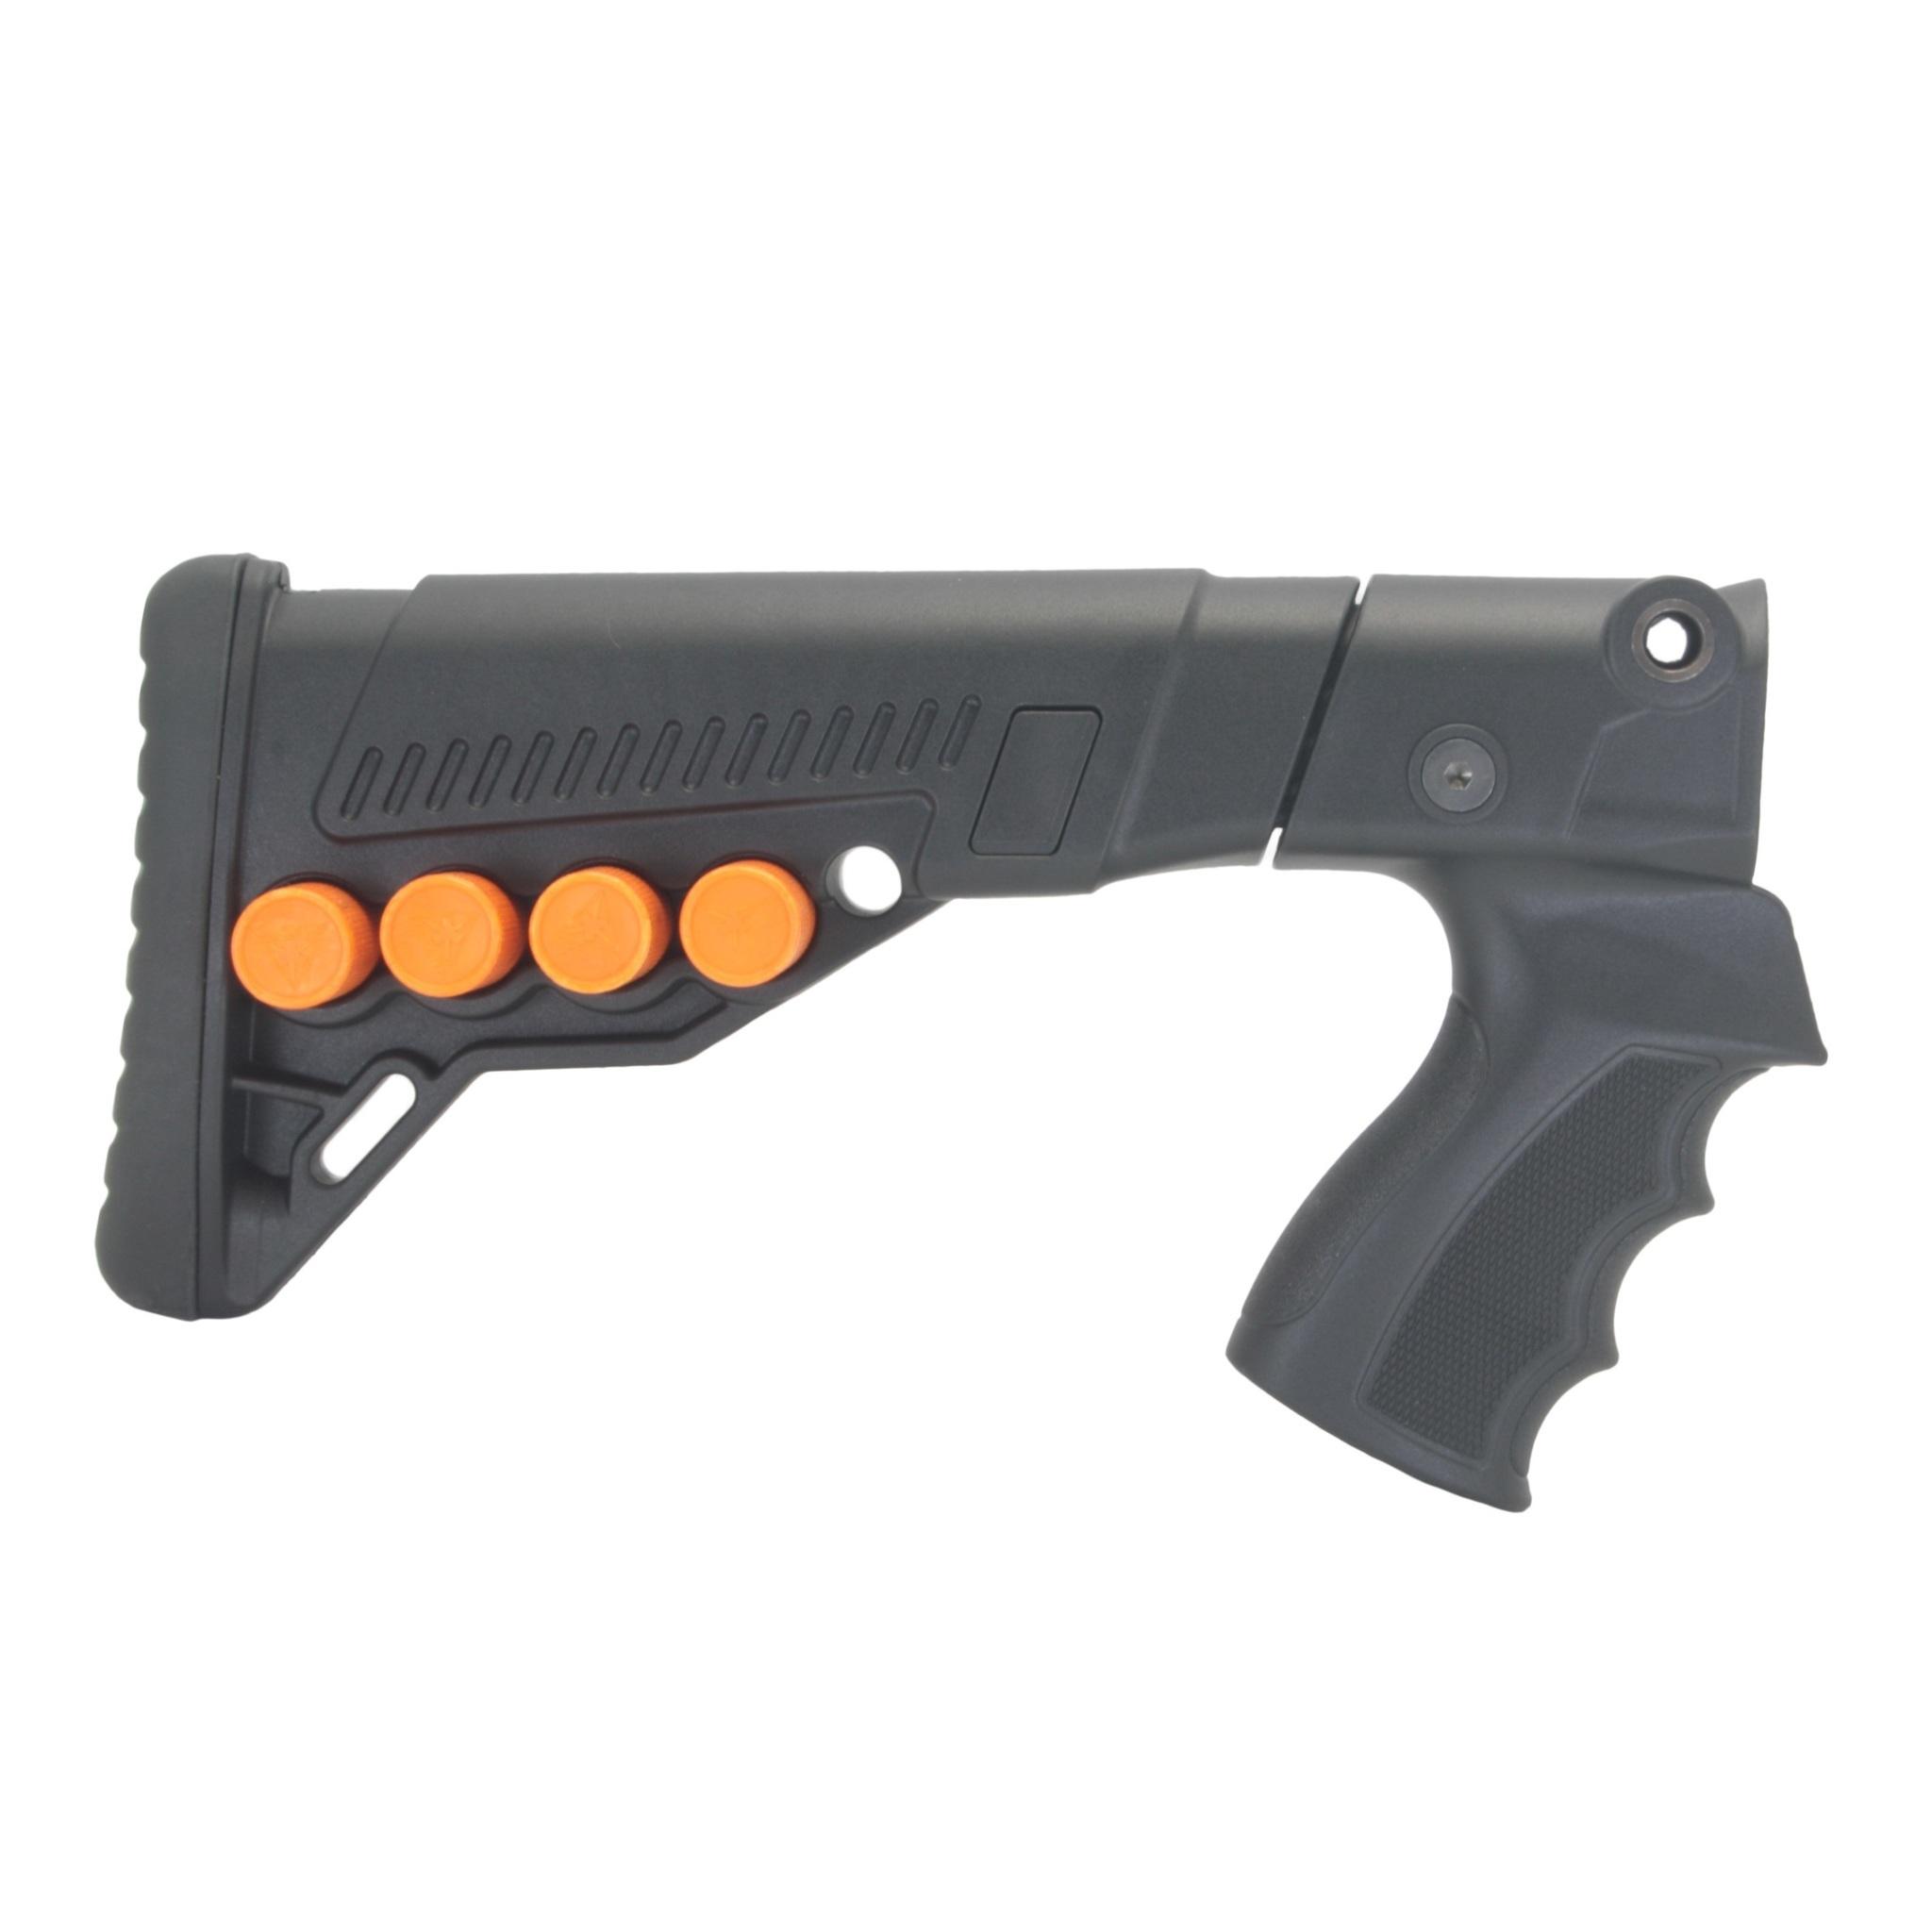 Купить Комплект: Приклад на МР-153, -133, DLG Tactical